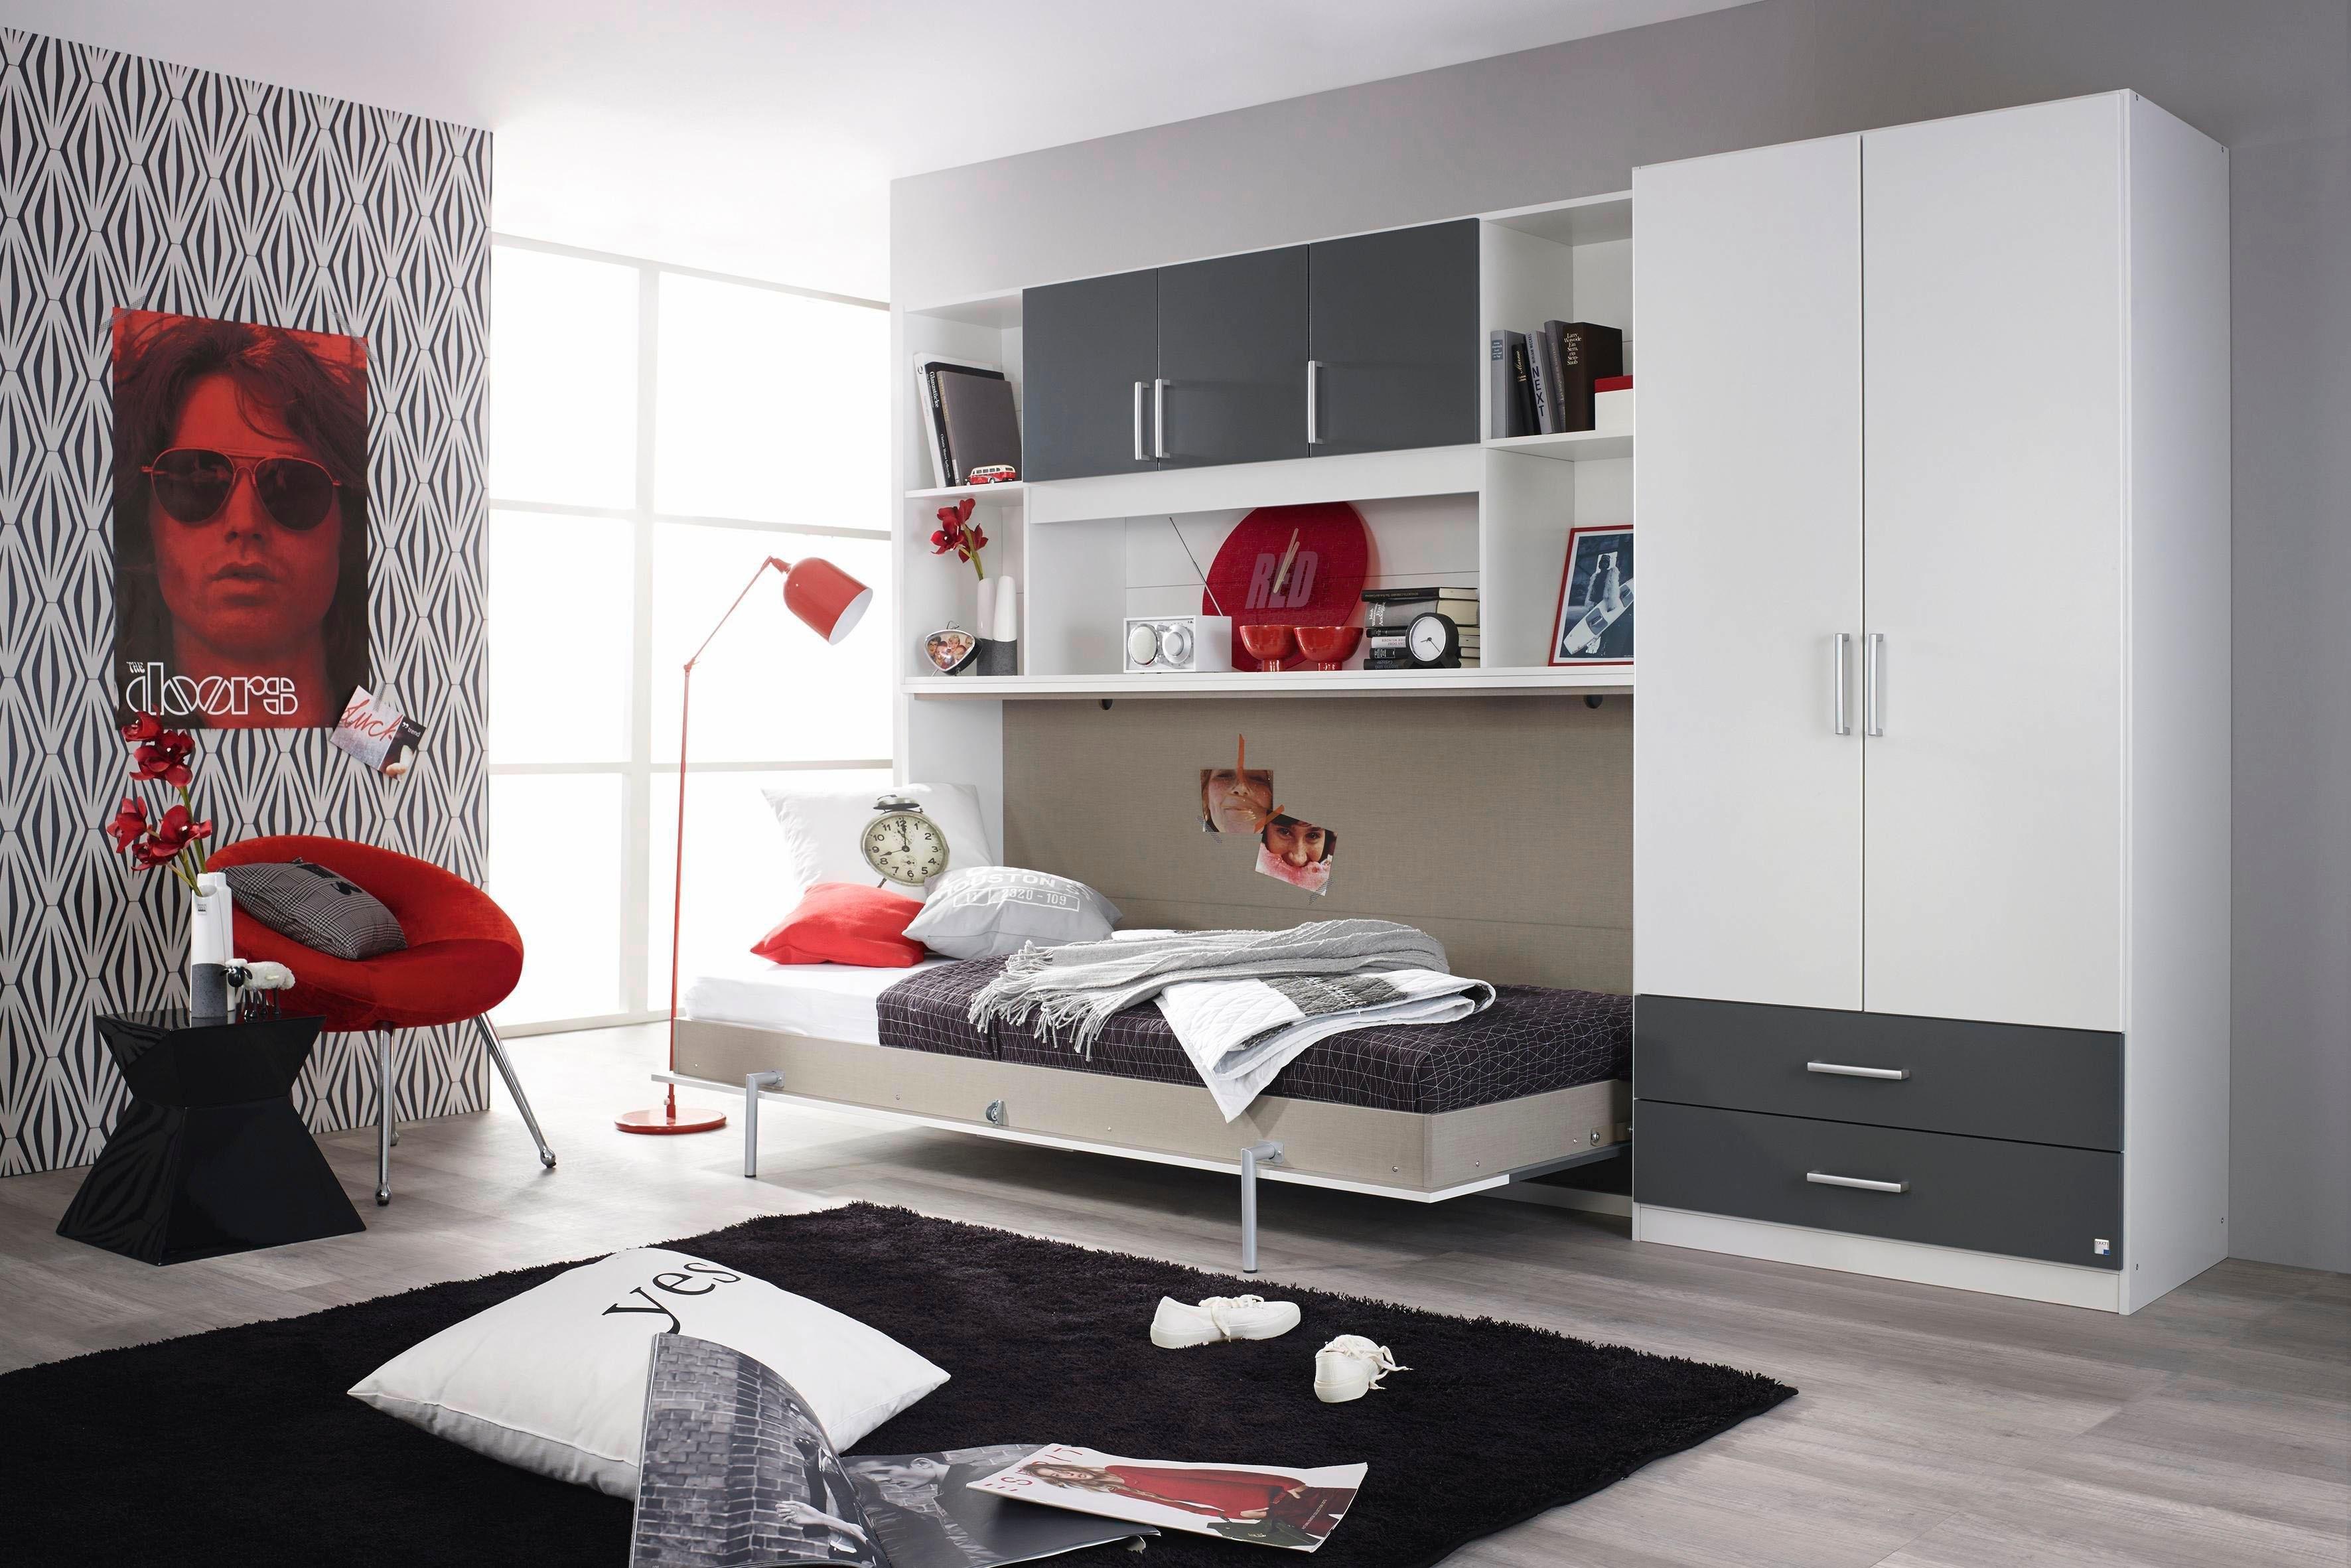 rauch opklapbed vind je bij otto. Black Bedroom Furniture Sets. Home Design Ideas